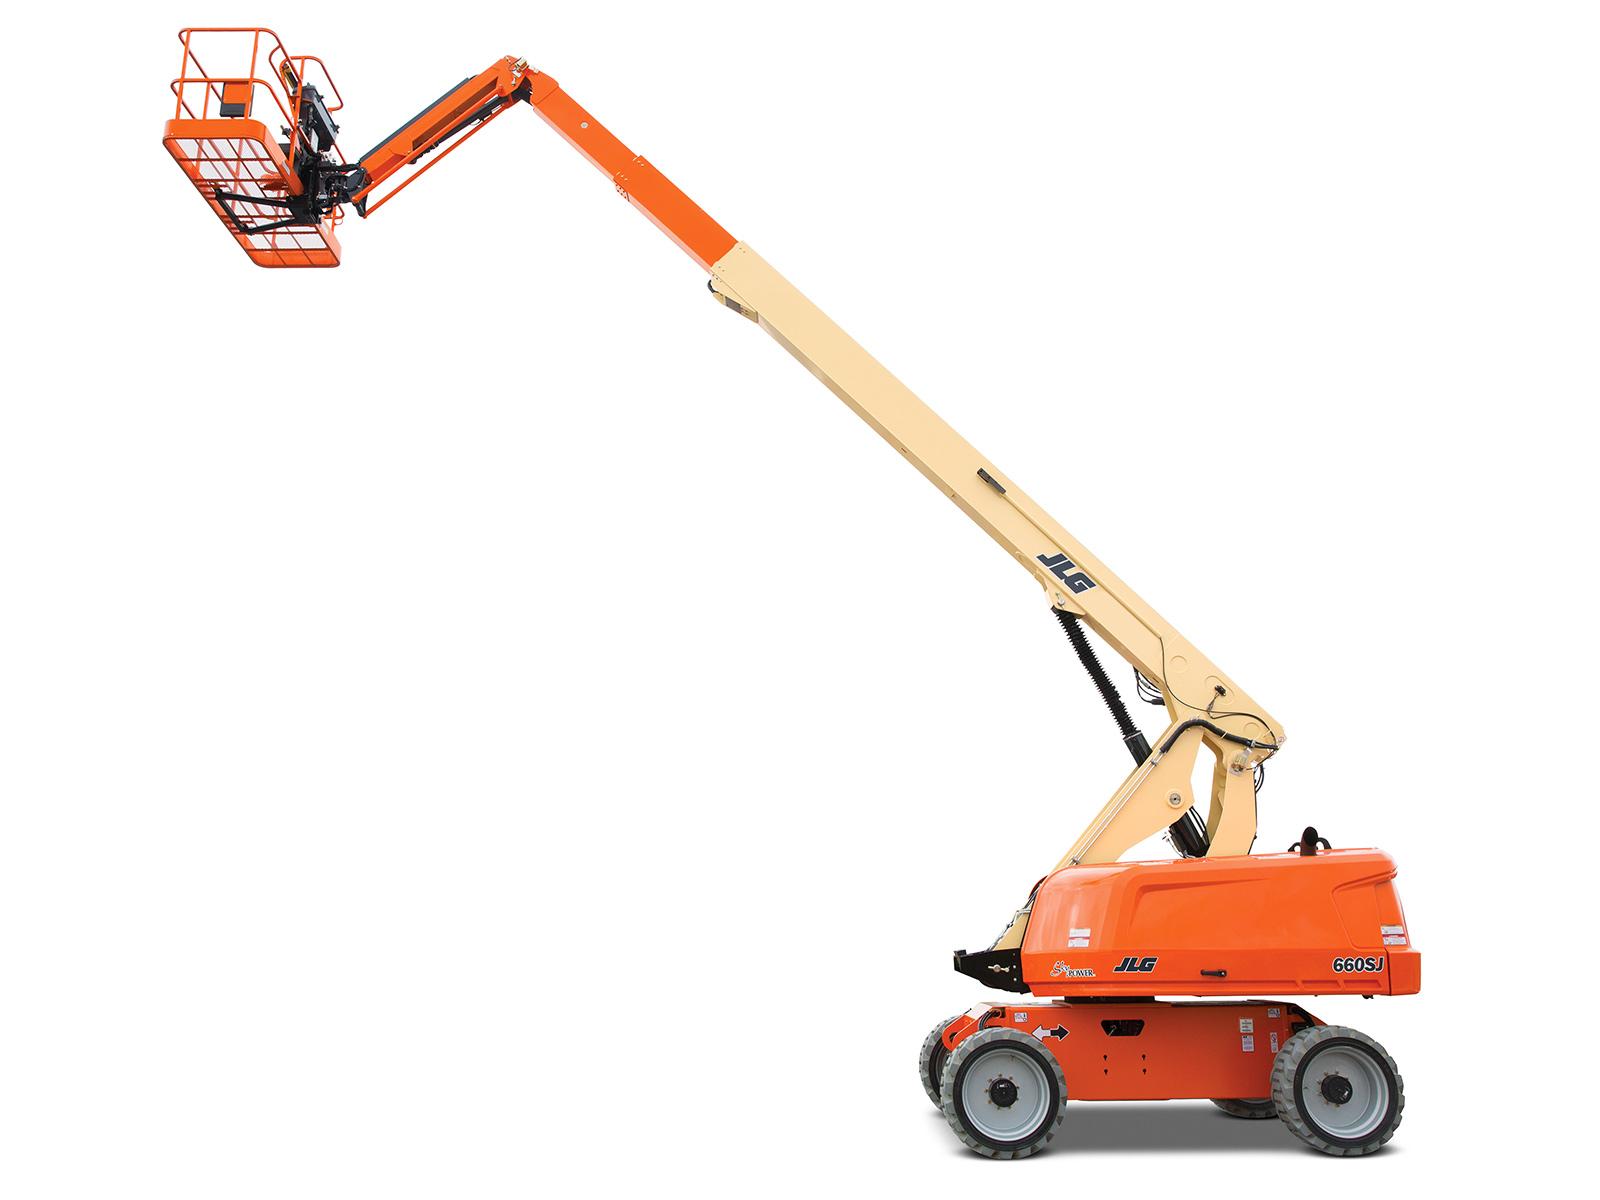 660sj lft u p1 new 1600x1200